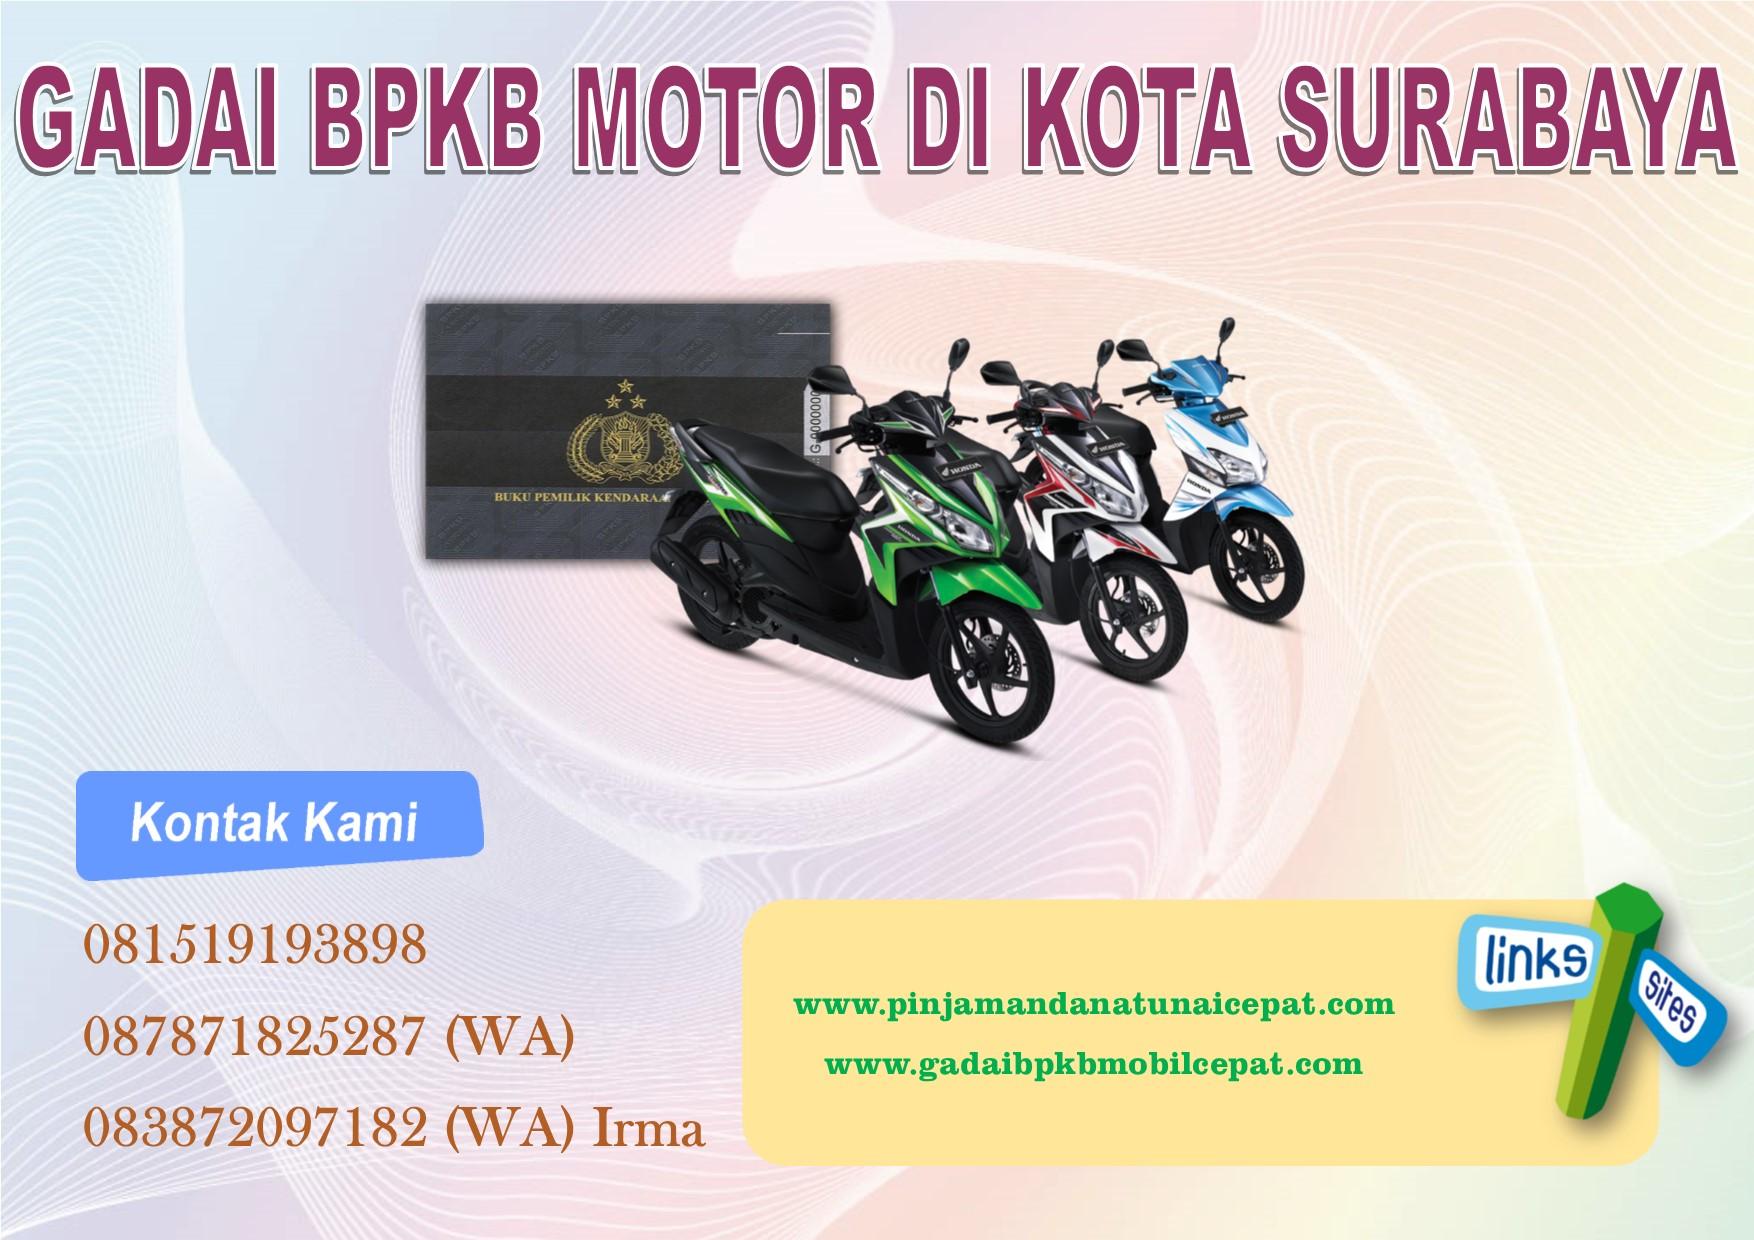 Gadai BPKB motor di kota surabaya